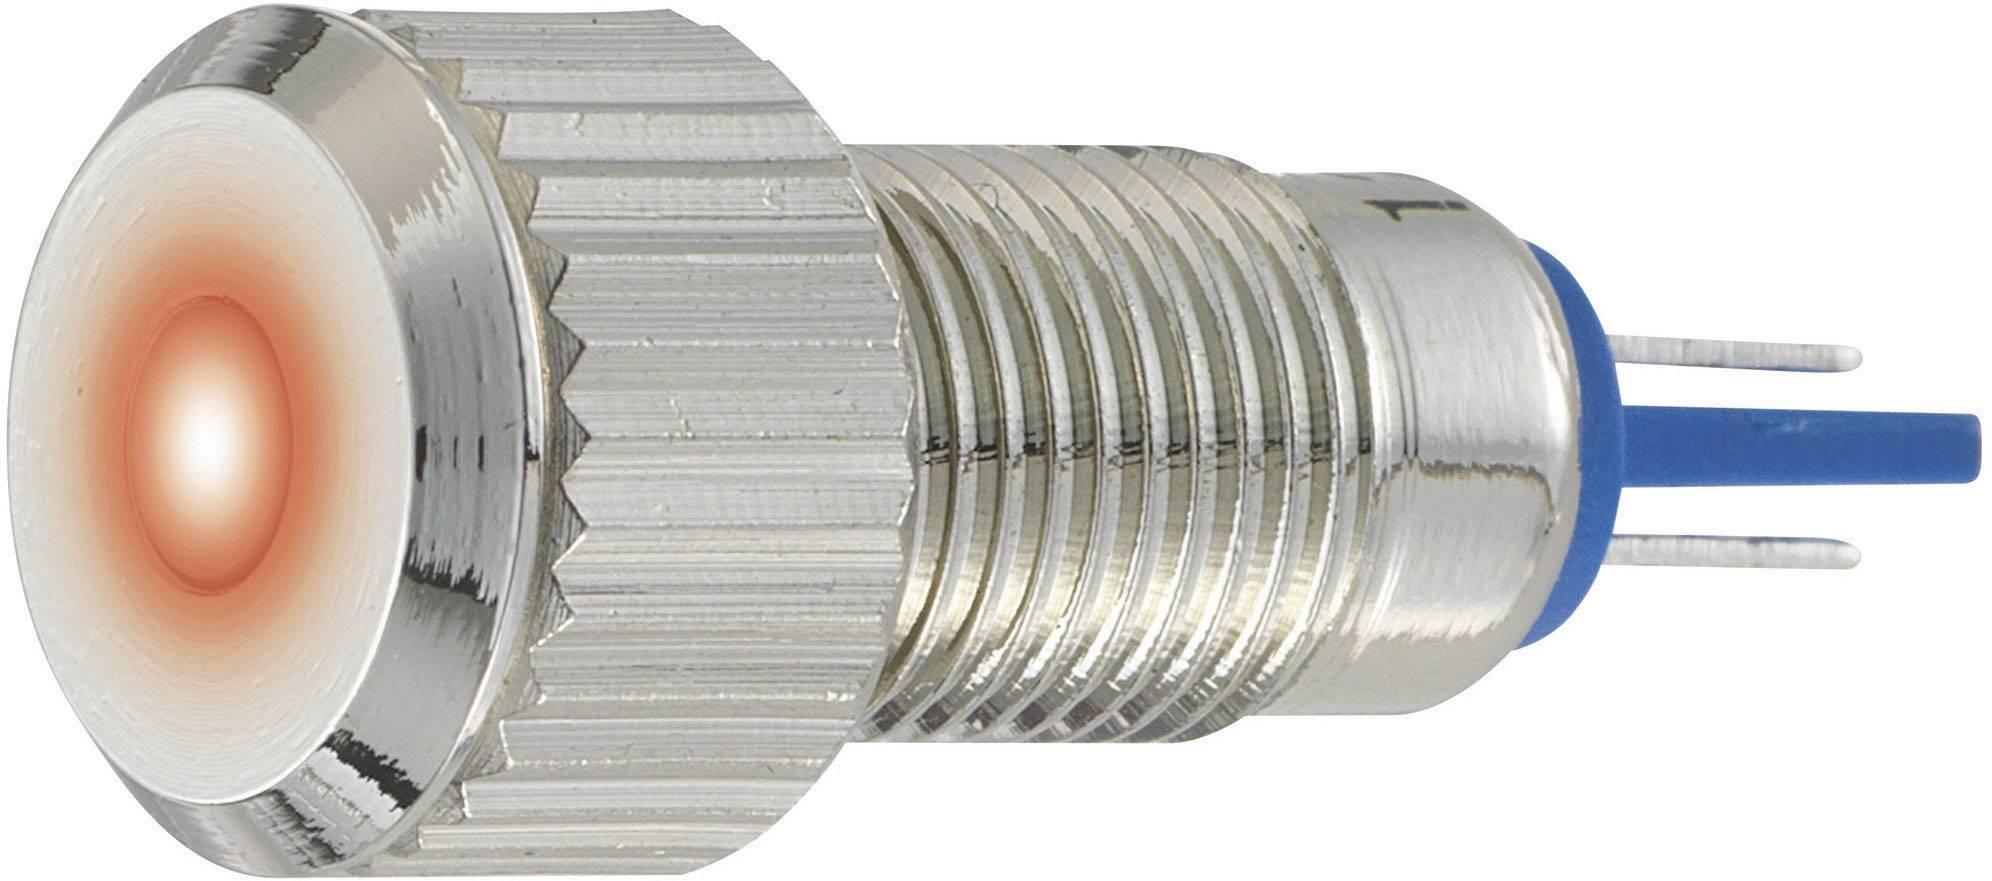 LED signálka GQ8F-D/G/24V/N, IP67, 24 V/DC / 24 V/AC, poniklovaná mosaz, zelená